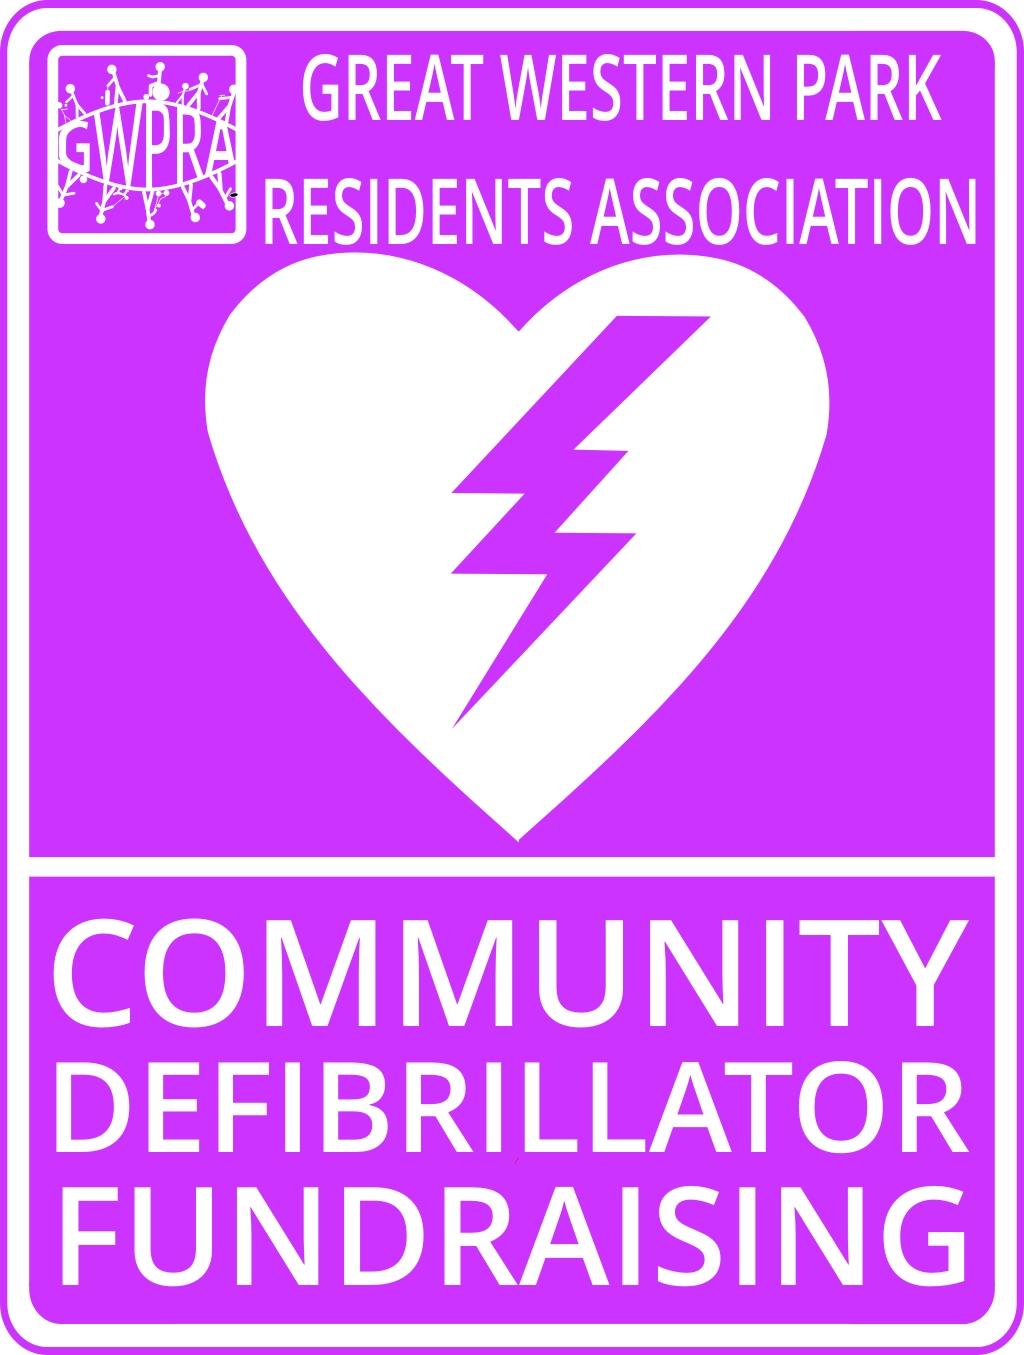 GWPRA Community Defibrillator Logo